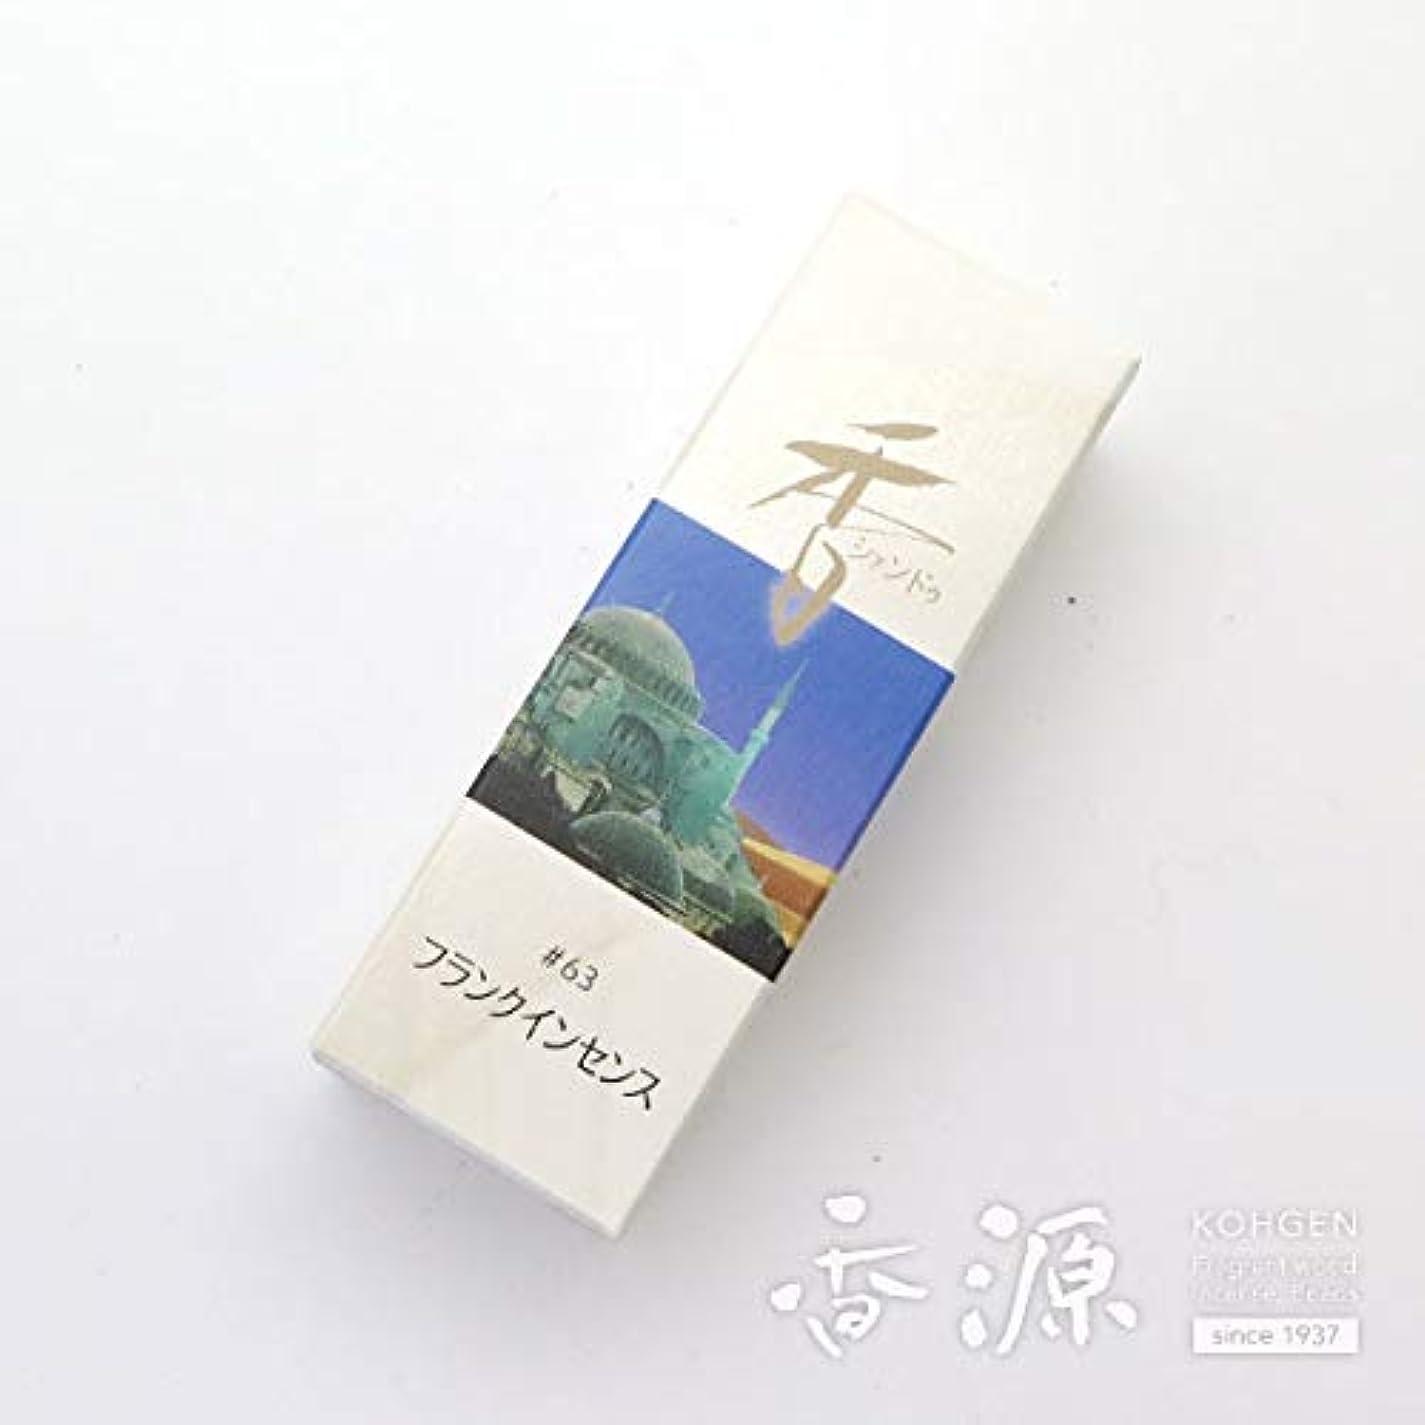 クリスチャン驚き松の木Xiang Do(シャンドゥ) 松栄堂のお香 フランクインセンス ST20本入 簡易香立付 #214263